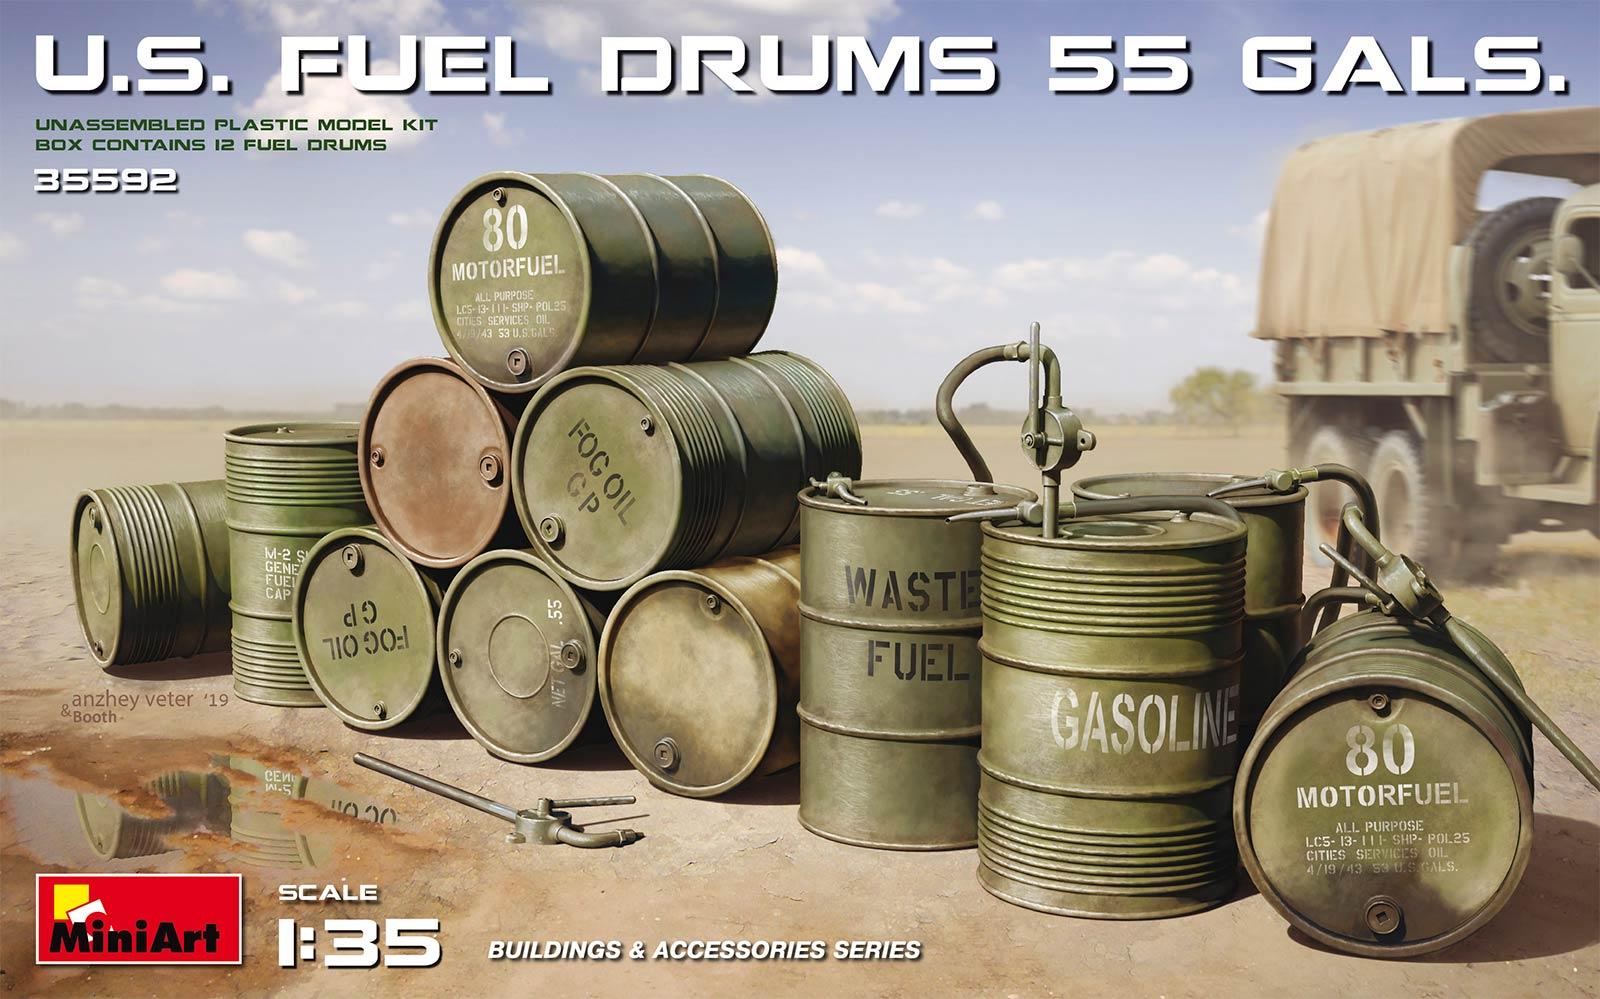 1/35 U.S. FUEL DRUMS 55 GALS. | Американские Бочки с Топливом 50 Гал. 35592